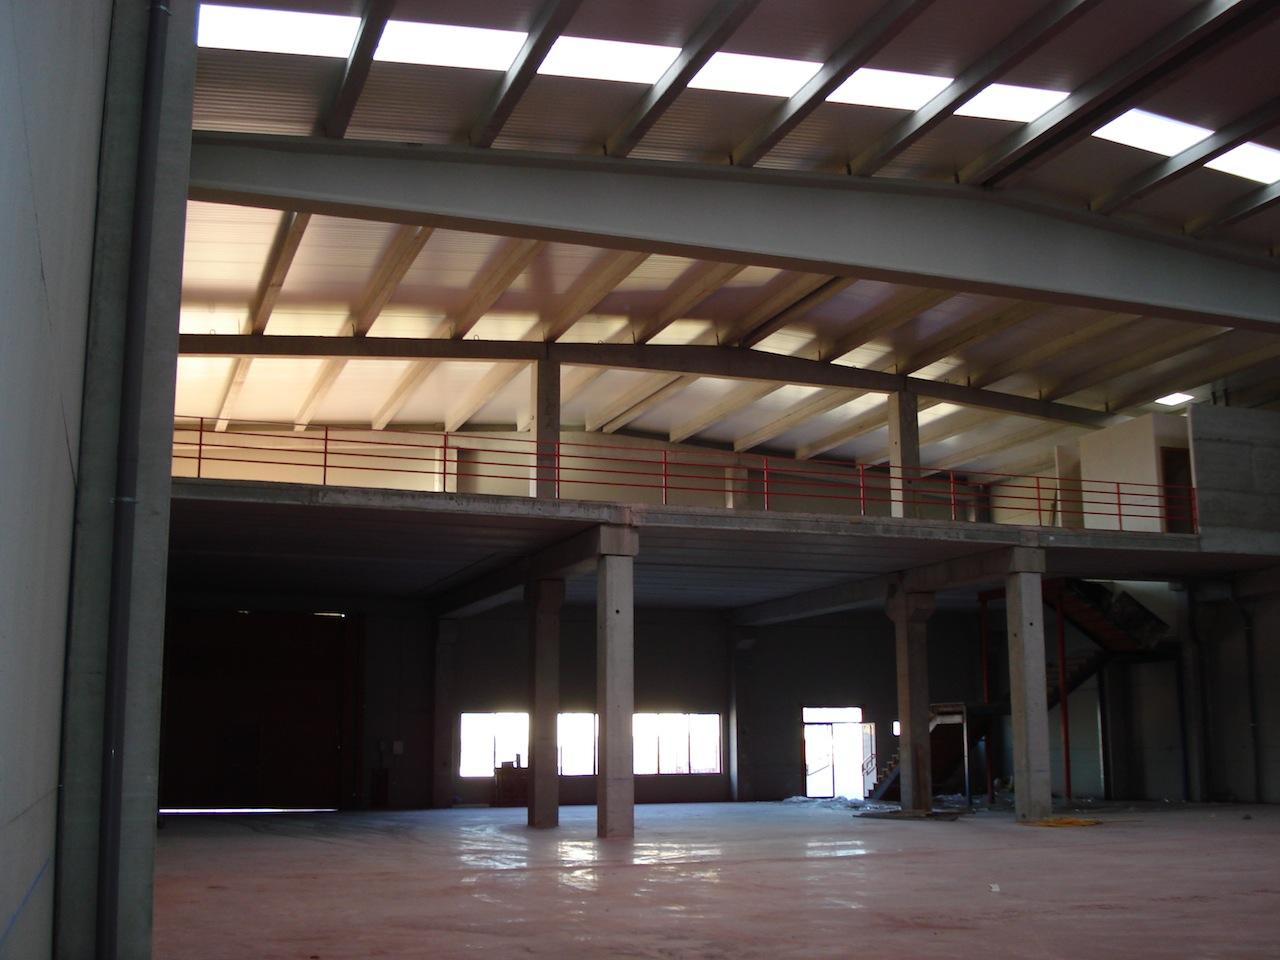 Naves industriales - Estructura metalicas para casas ...